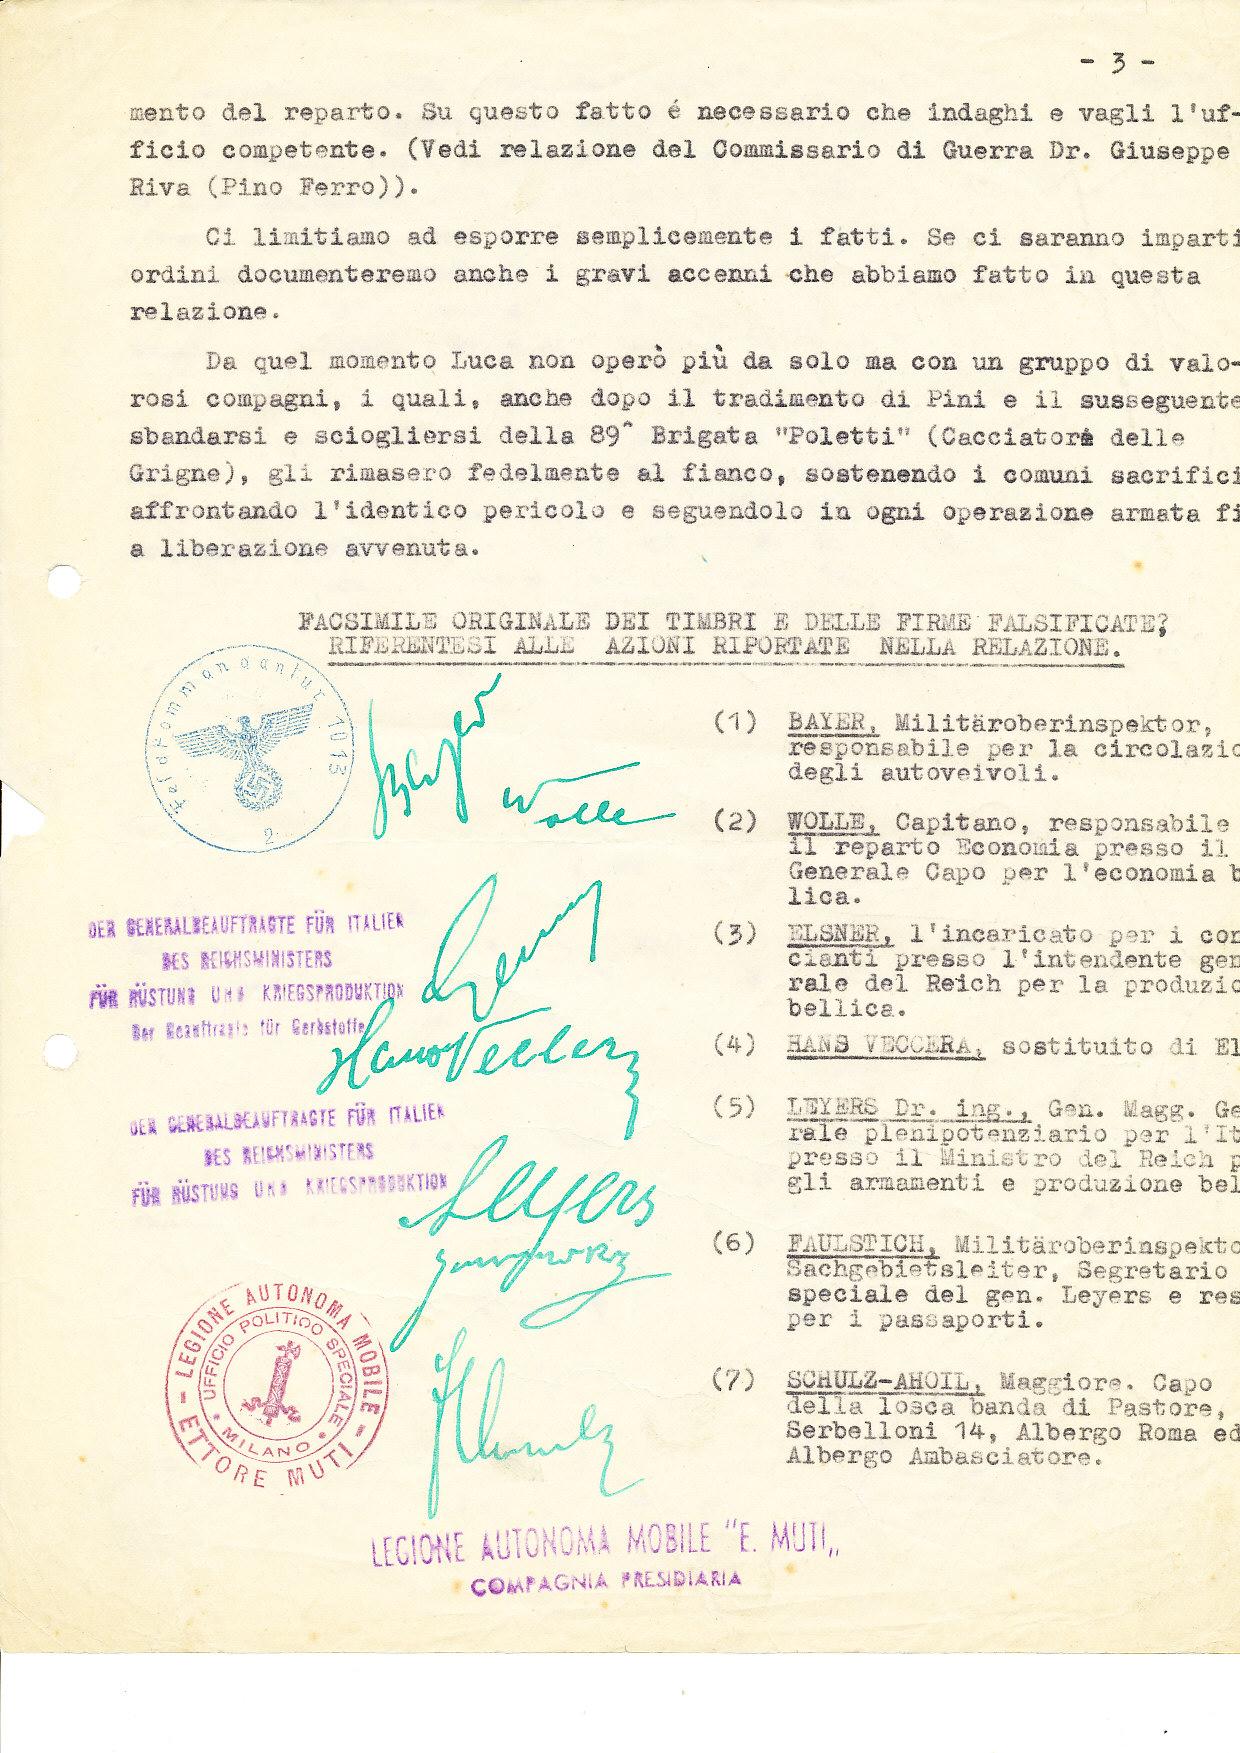 Timbri utilizzati da Travaglini per la falsificazione dei documenti e firme di alti ufficiali nazisti da lui contraffatte.